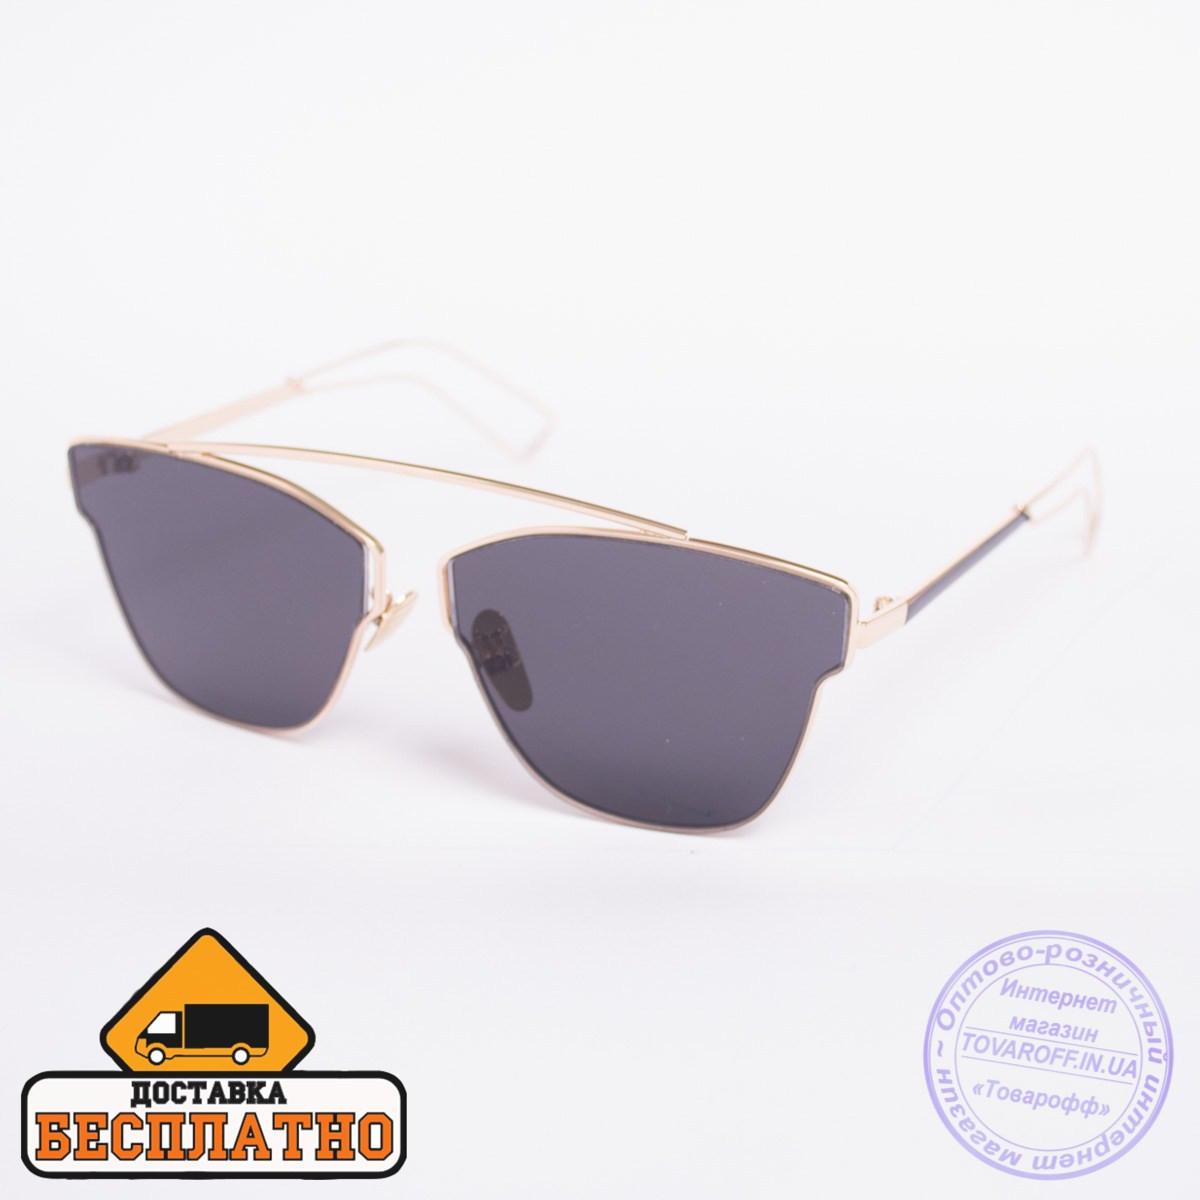 Солнцезащитные очки золотистые с бесплатной доставкой - 2838